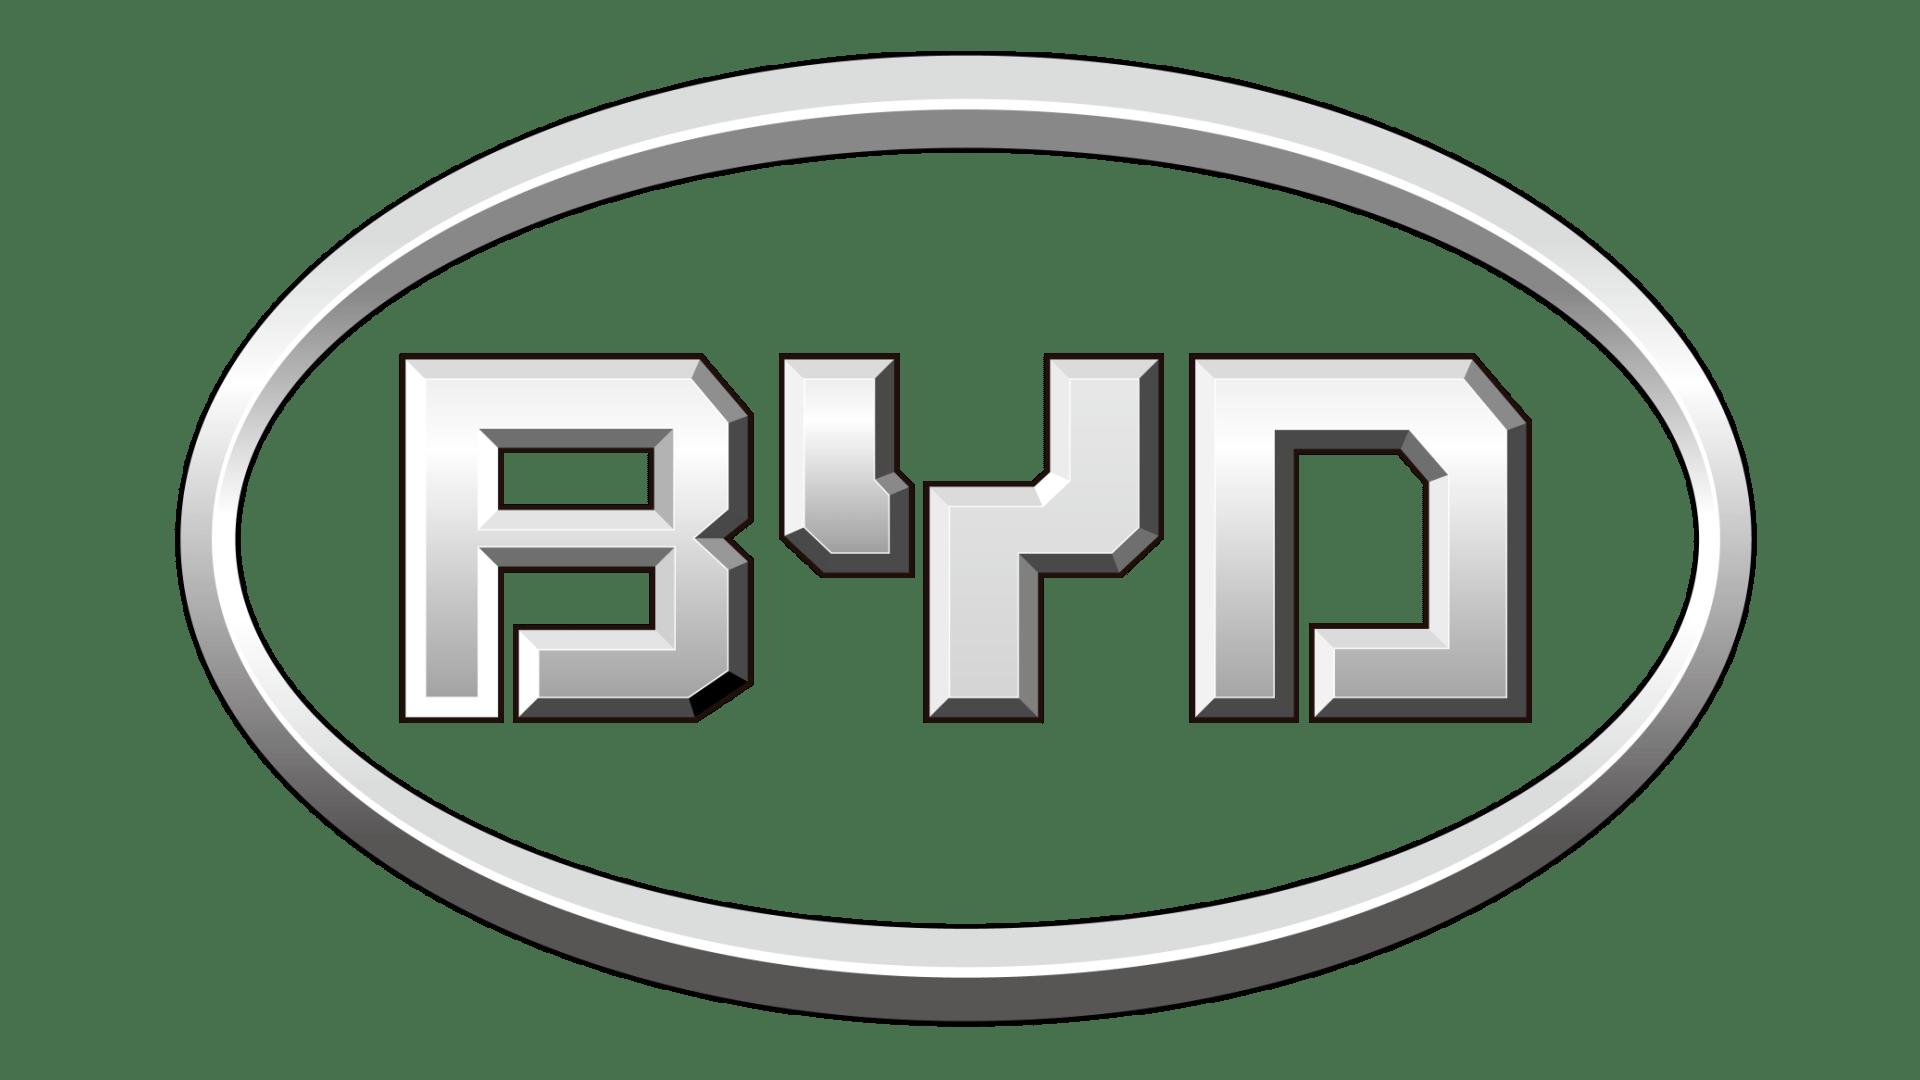 Логотип BYD (Build Your Dreams)